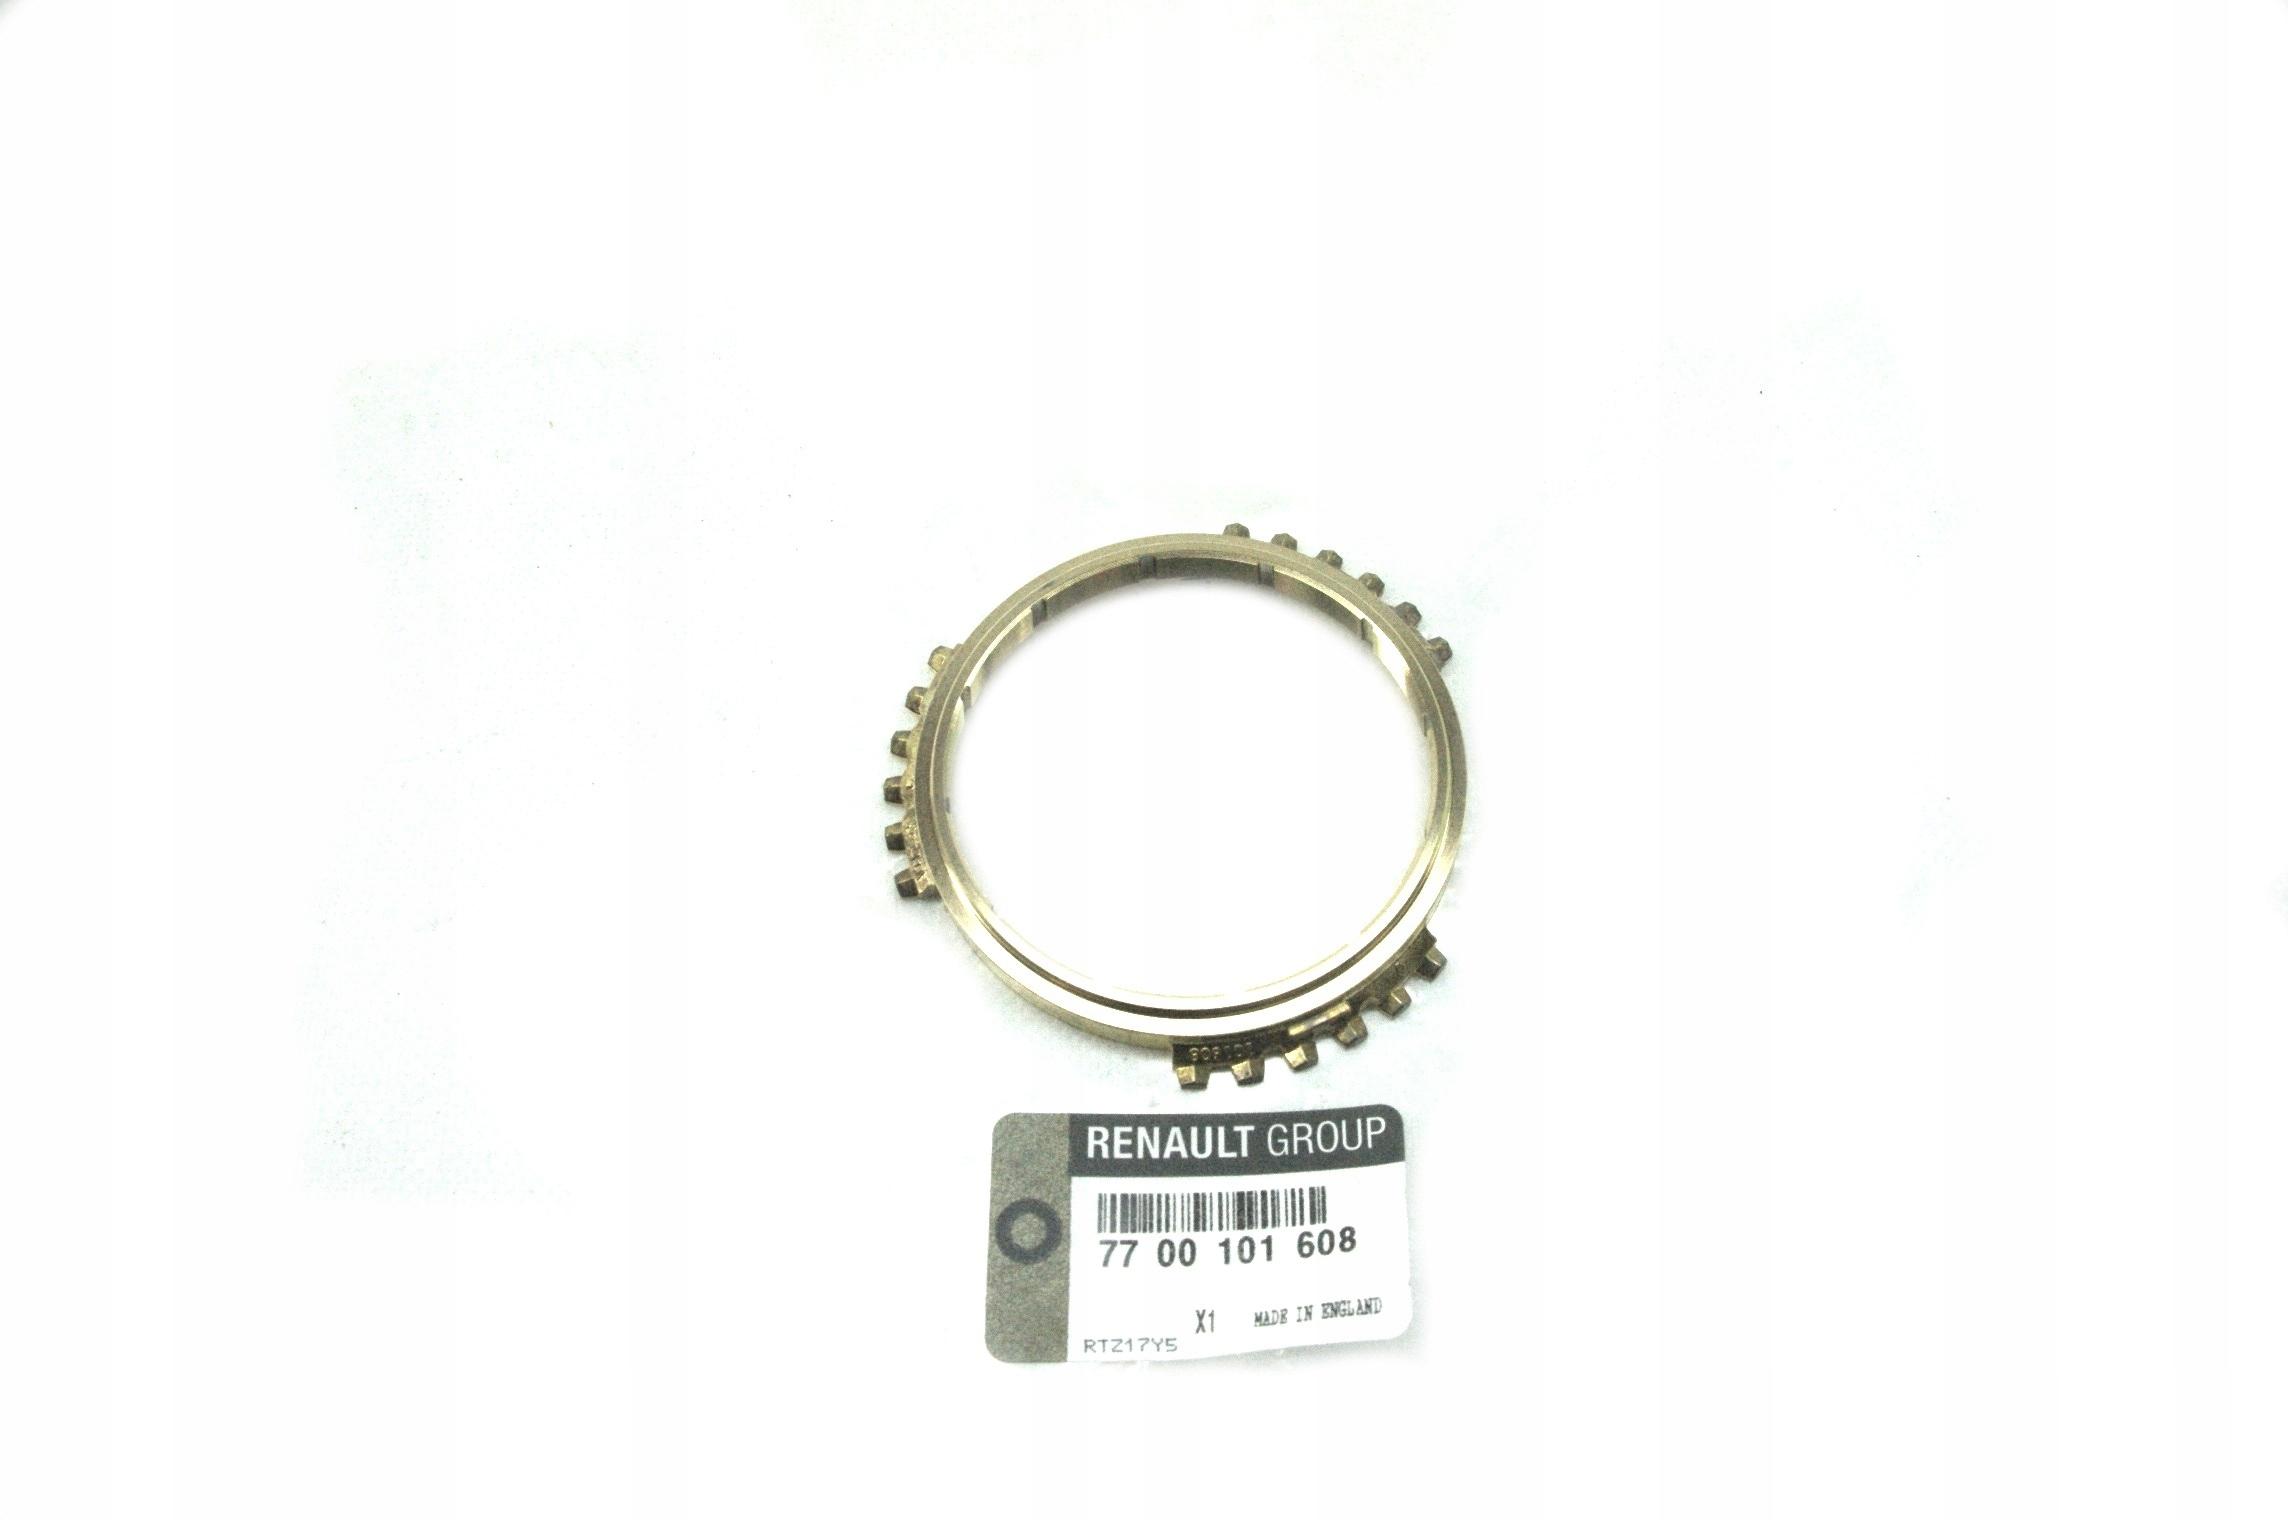 синхронизатор 4 5 6 ход renault pk5 pk6 pf6 орг